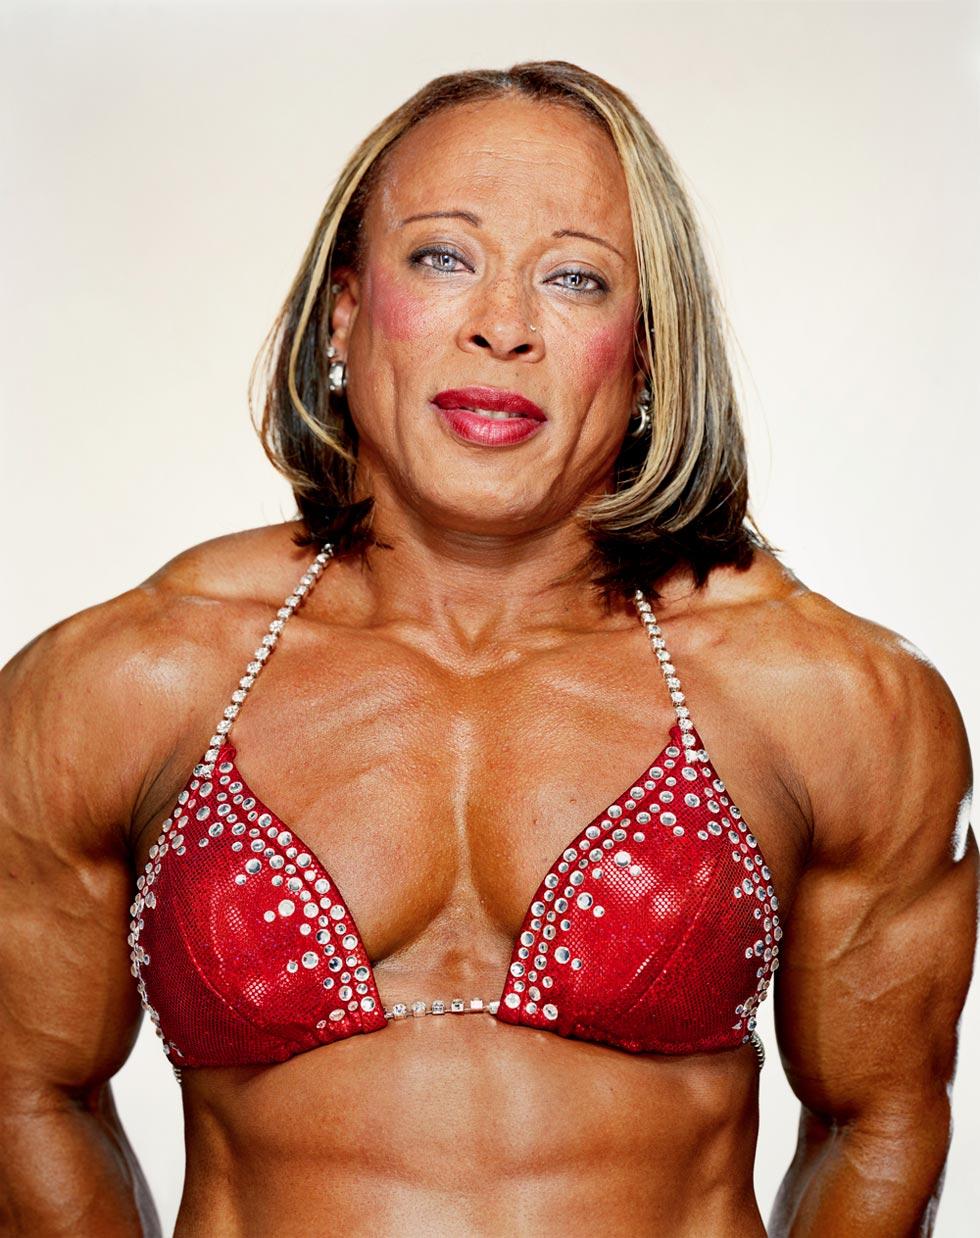 Самая сильная женщина в мире 23 фотография